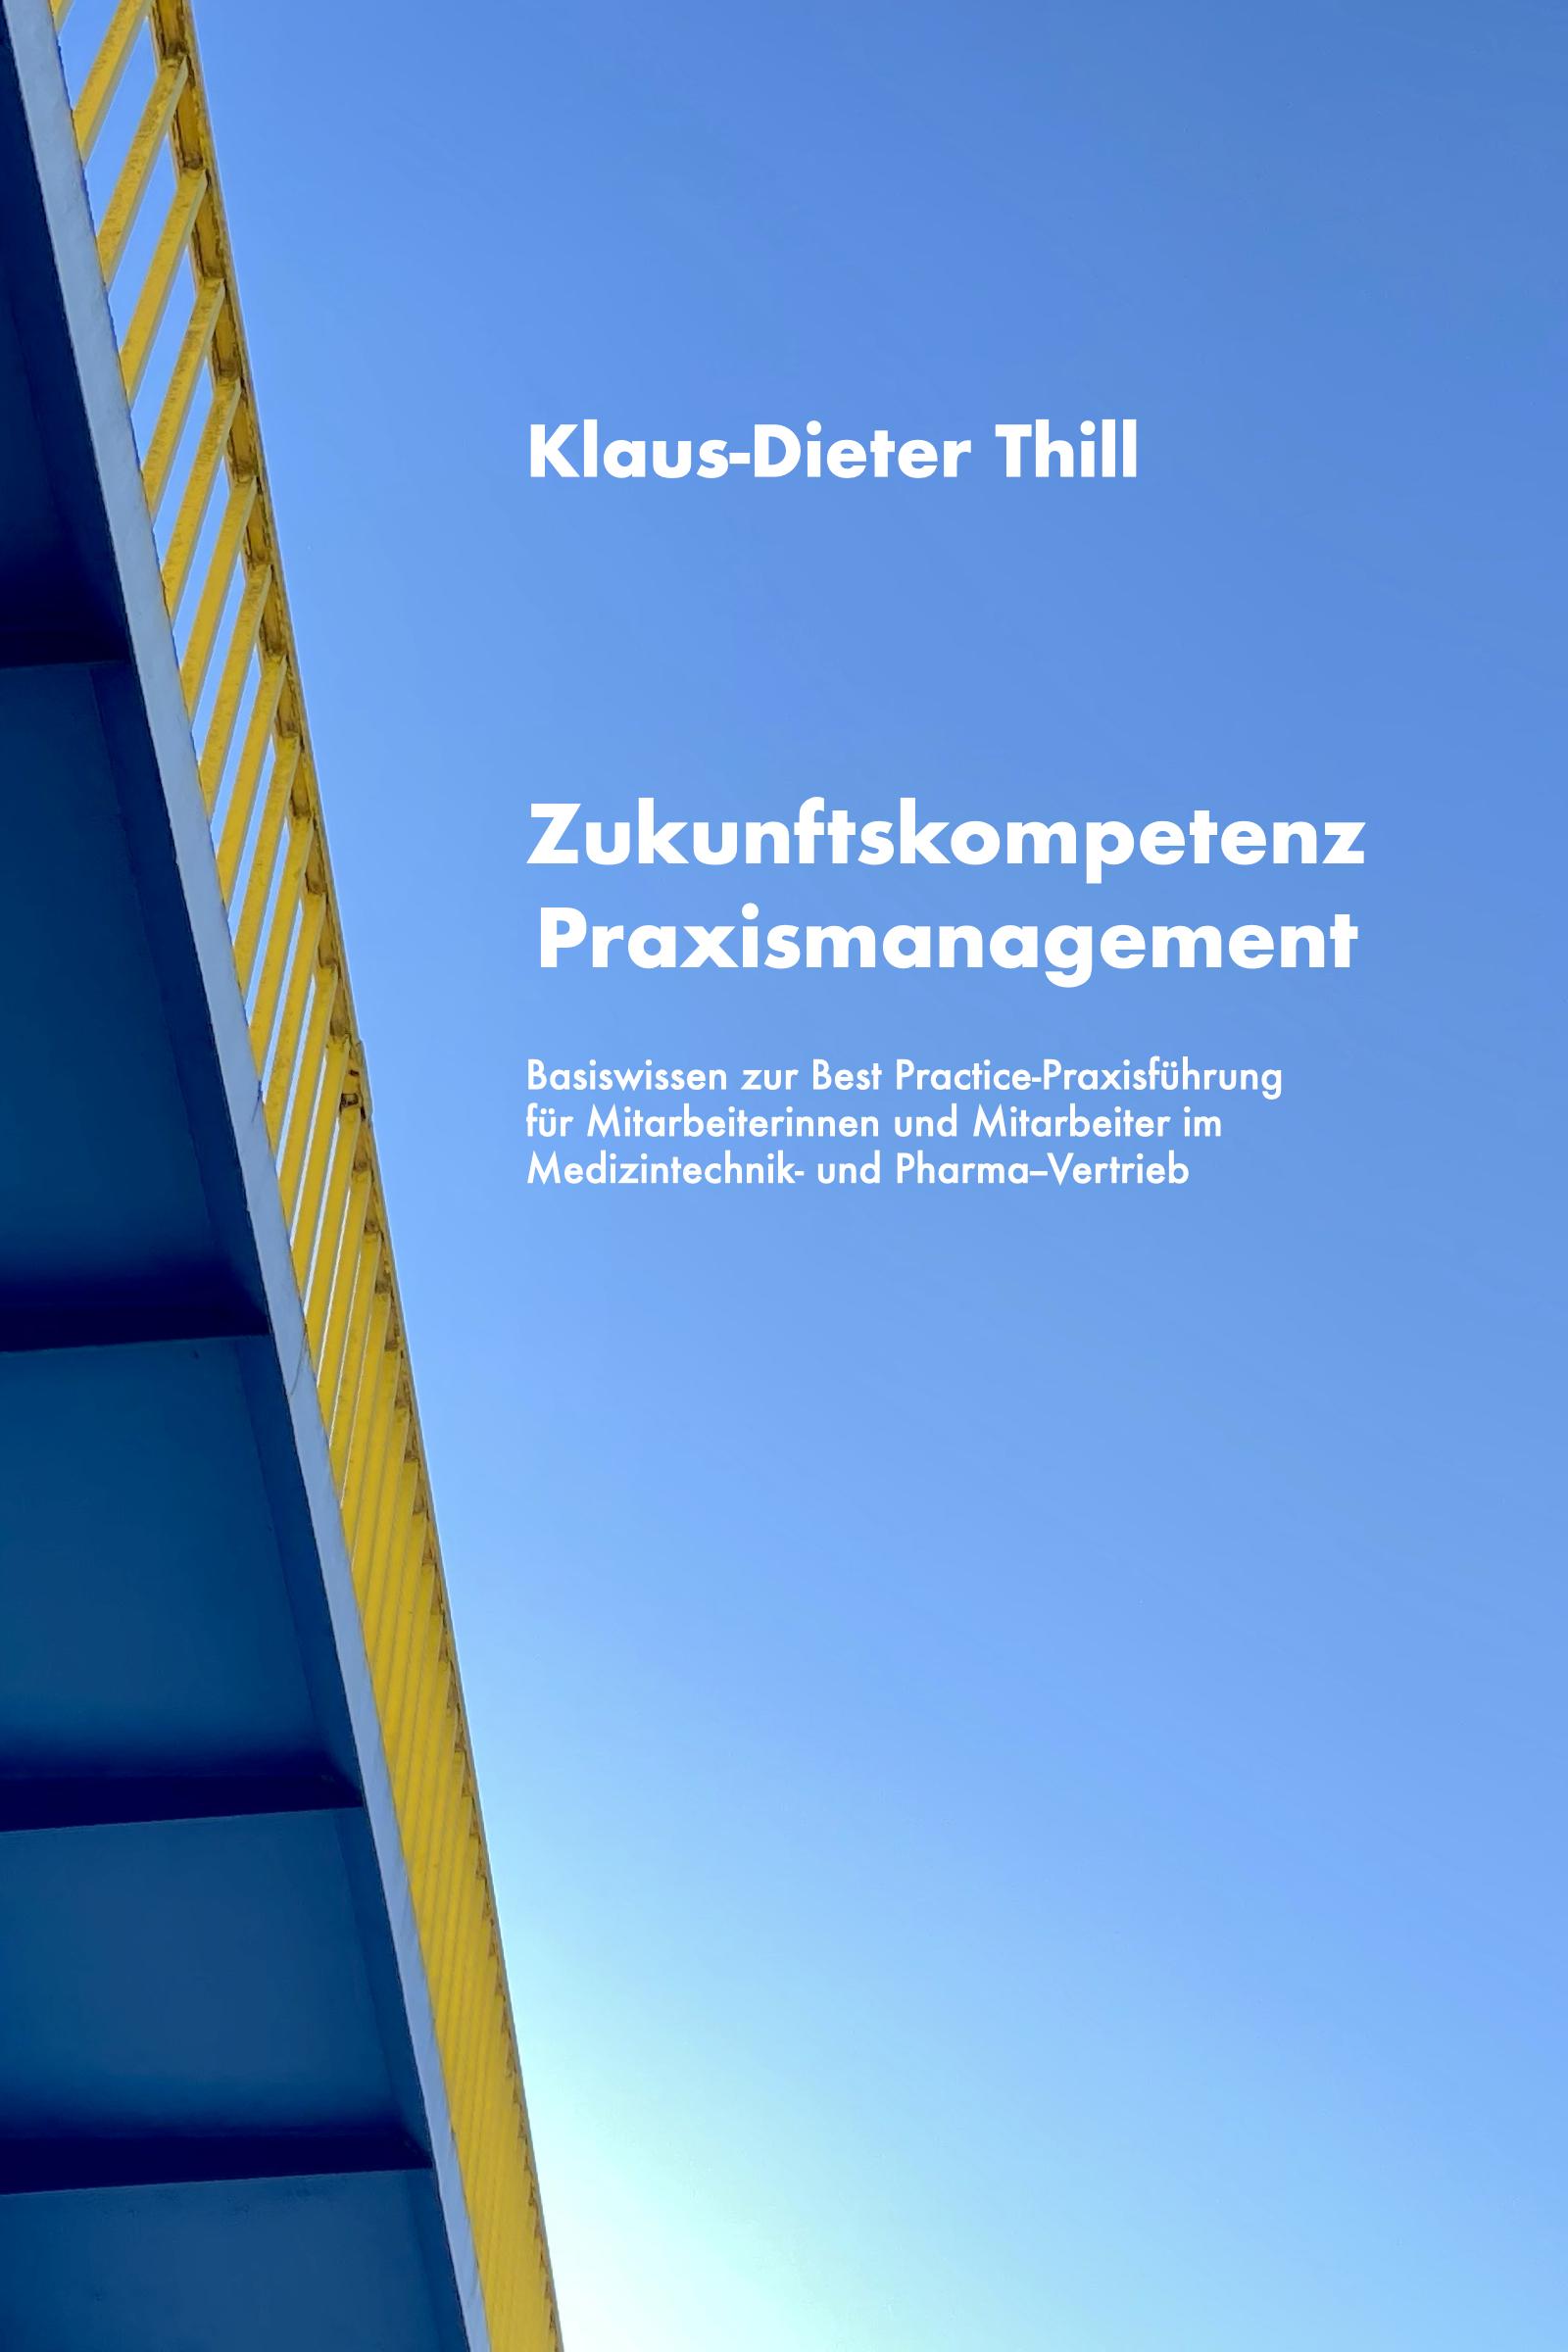 Zukunftskompetenz Praxismanagement: Basiswissen zur Best Practice-Praxisführung für Mitarbeiterinnen und Mitarbeiter im Medizintechnik- und Pharma-Vertrieb